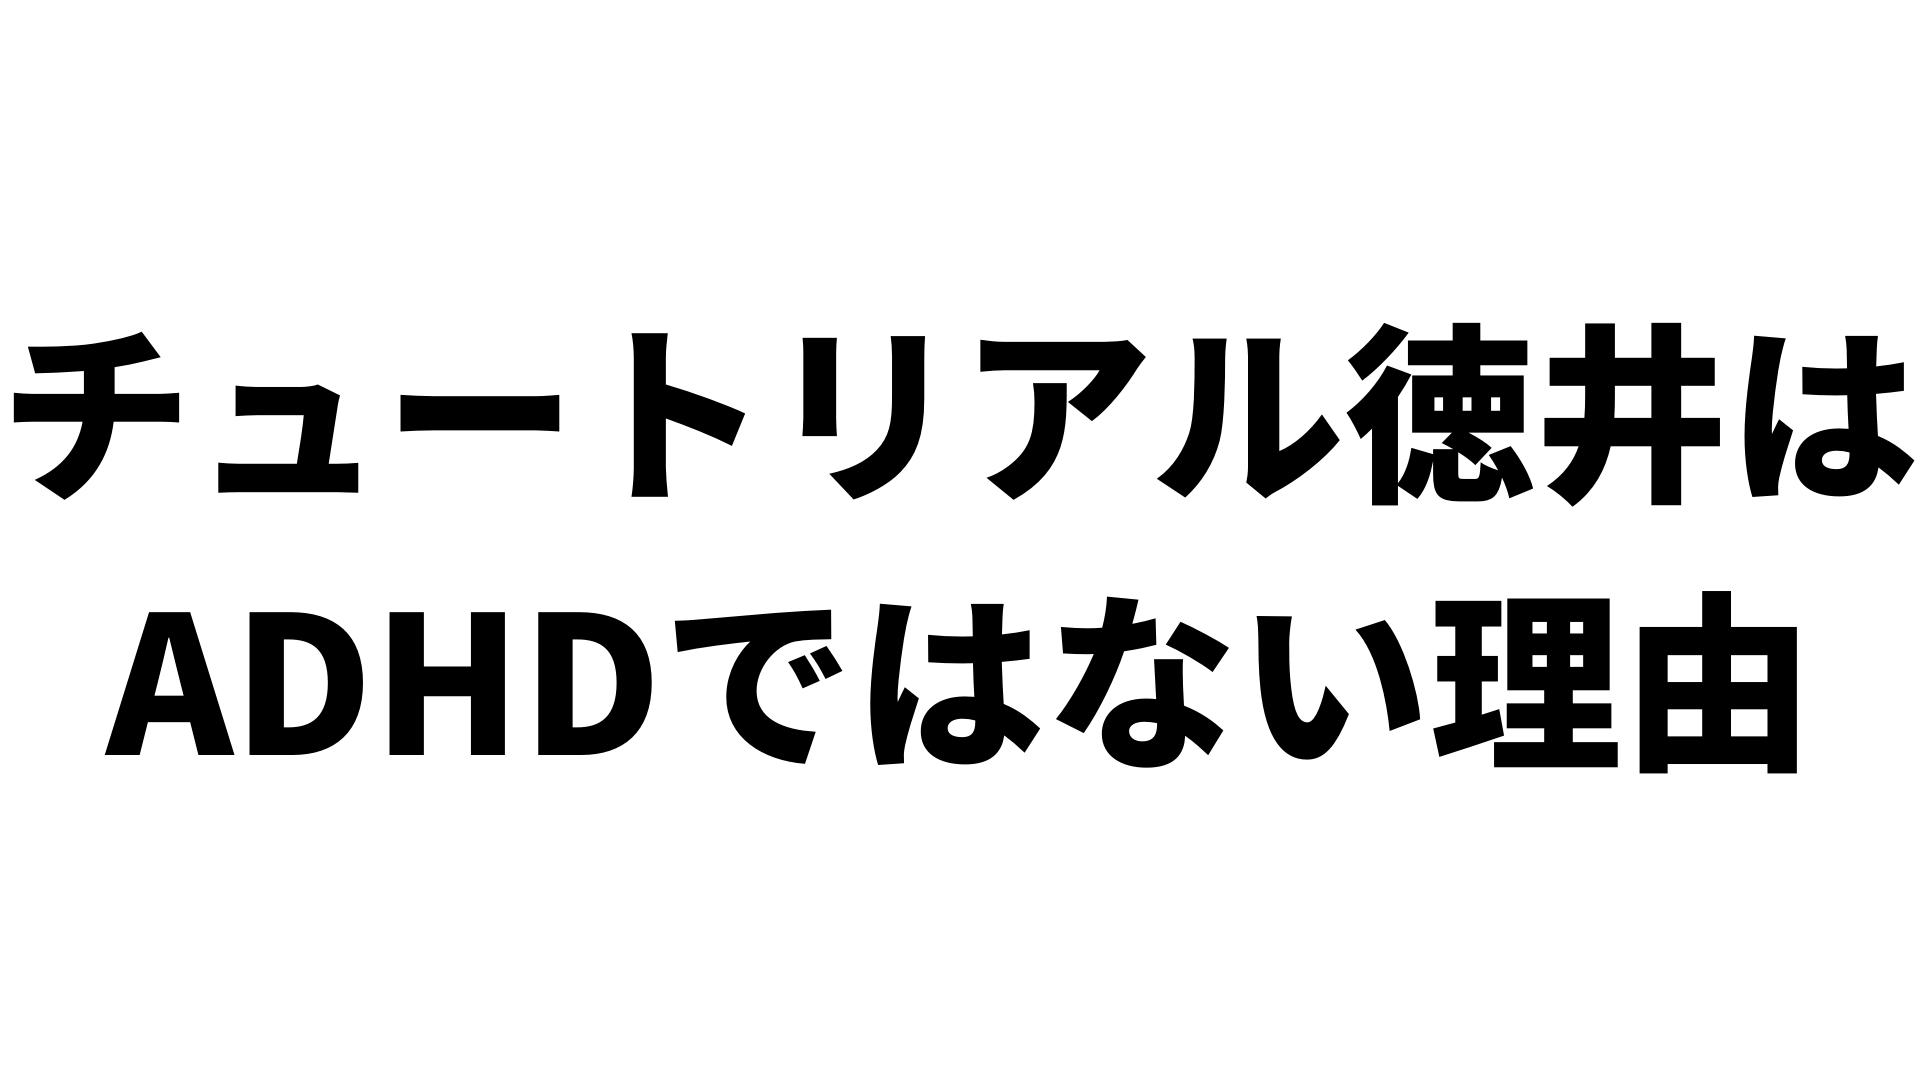 チュートリアル徳井義実はADHDではない理由を考察アイキャッチ画像